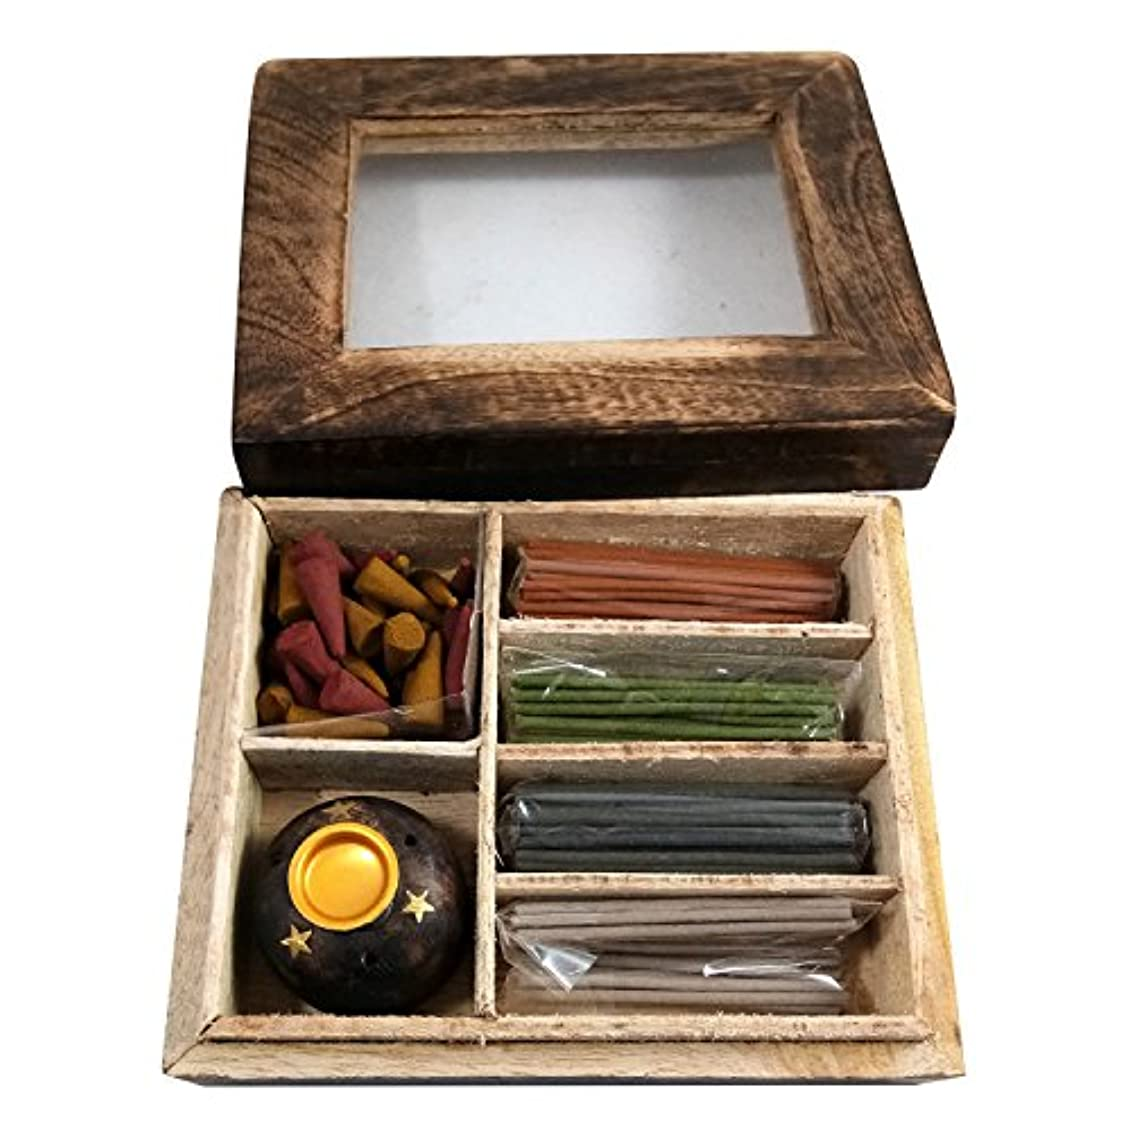 遠洋の相対的休眠手作りの木製工芸品の香りスティックボックスギフトパックの用途ホームフレグランス目的、個人&企業の贈り物|スティック&スタンド付きスティックギフトパック